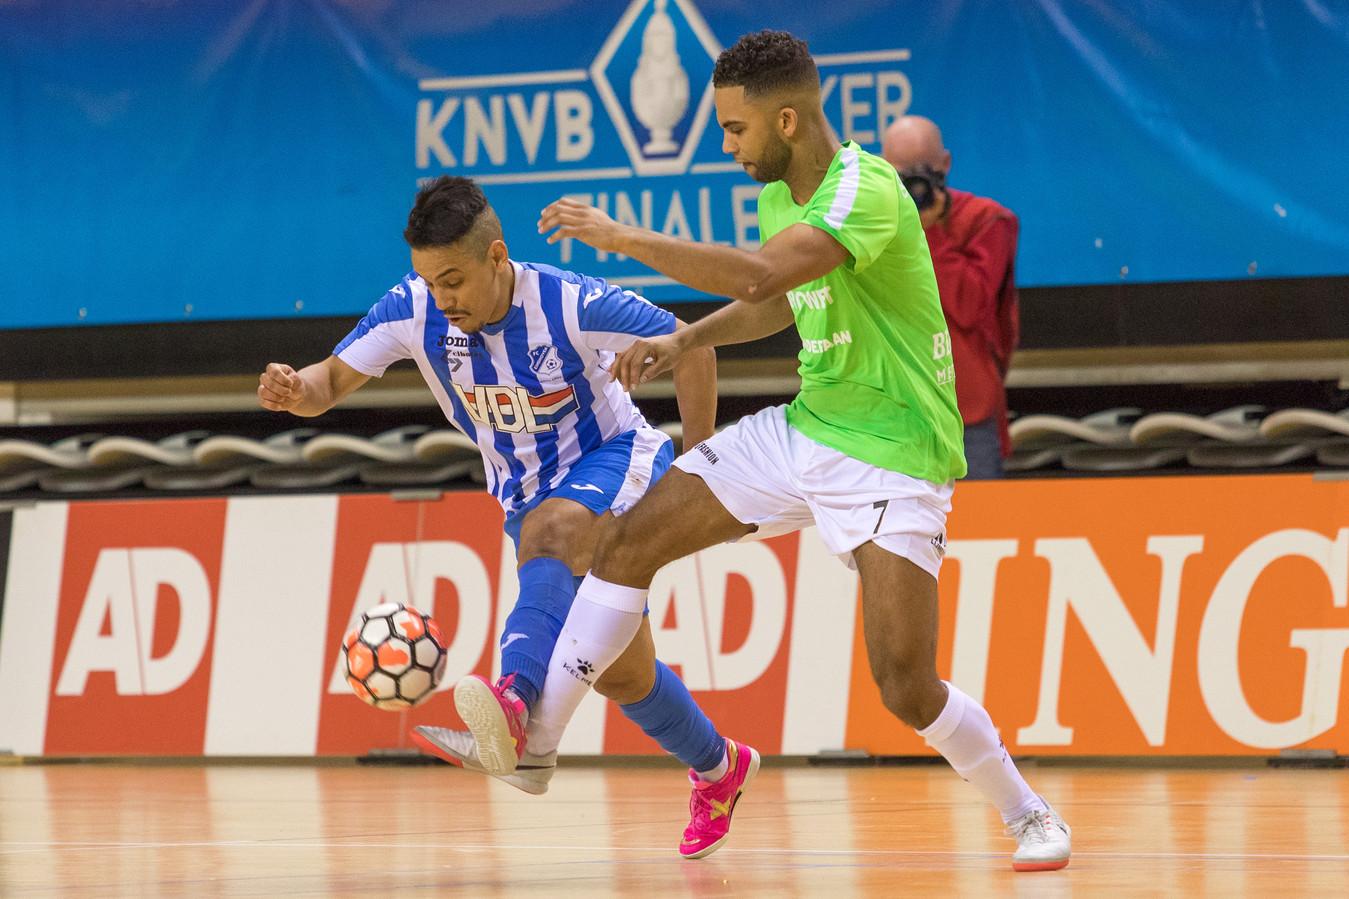 De Braziliaan Raphinha (FC Eindhoven, links) in duel met oud-FCE'er Yoshua St. Juste van bekerwinnaar Hovocubo.